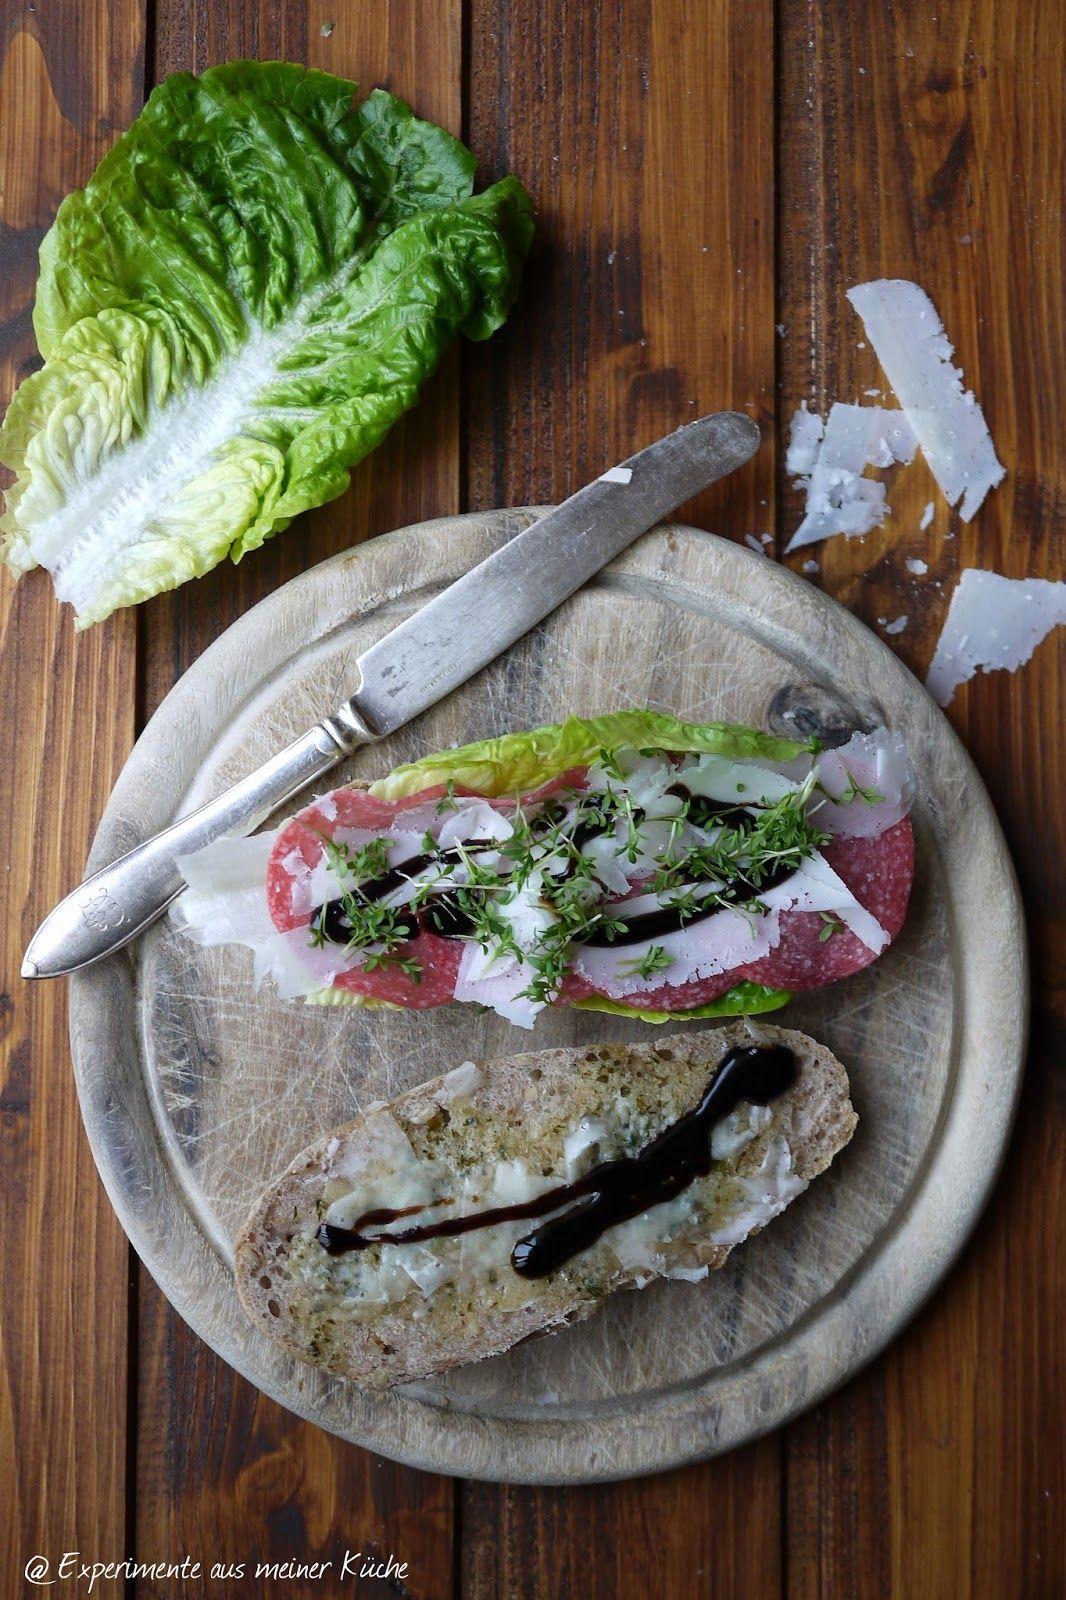 Experimente aus meiner Küche: Walnuss-Ciabatta #breadbakingfriday